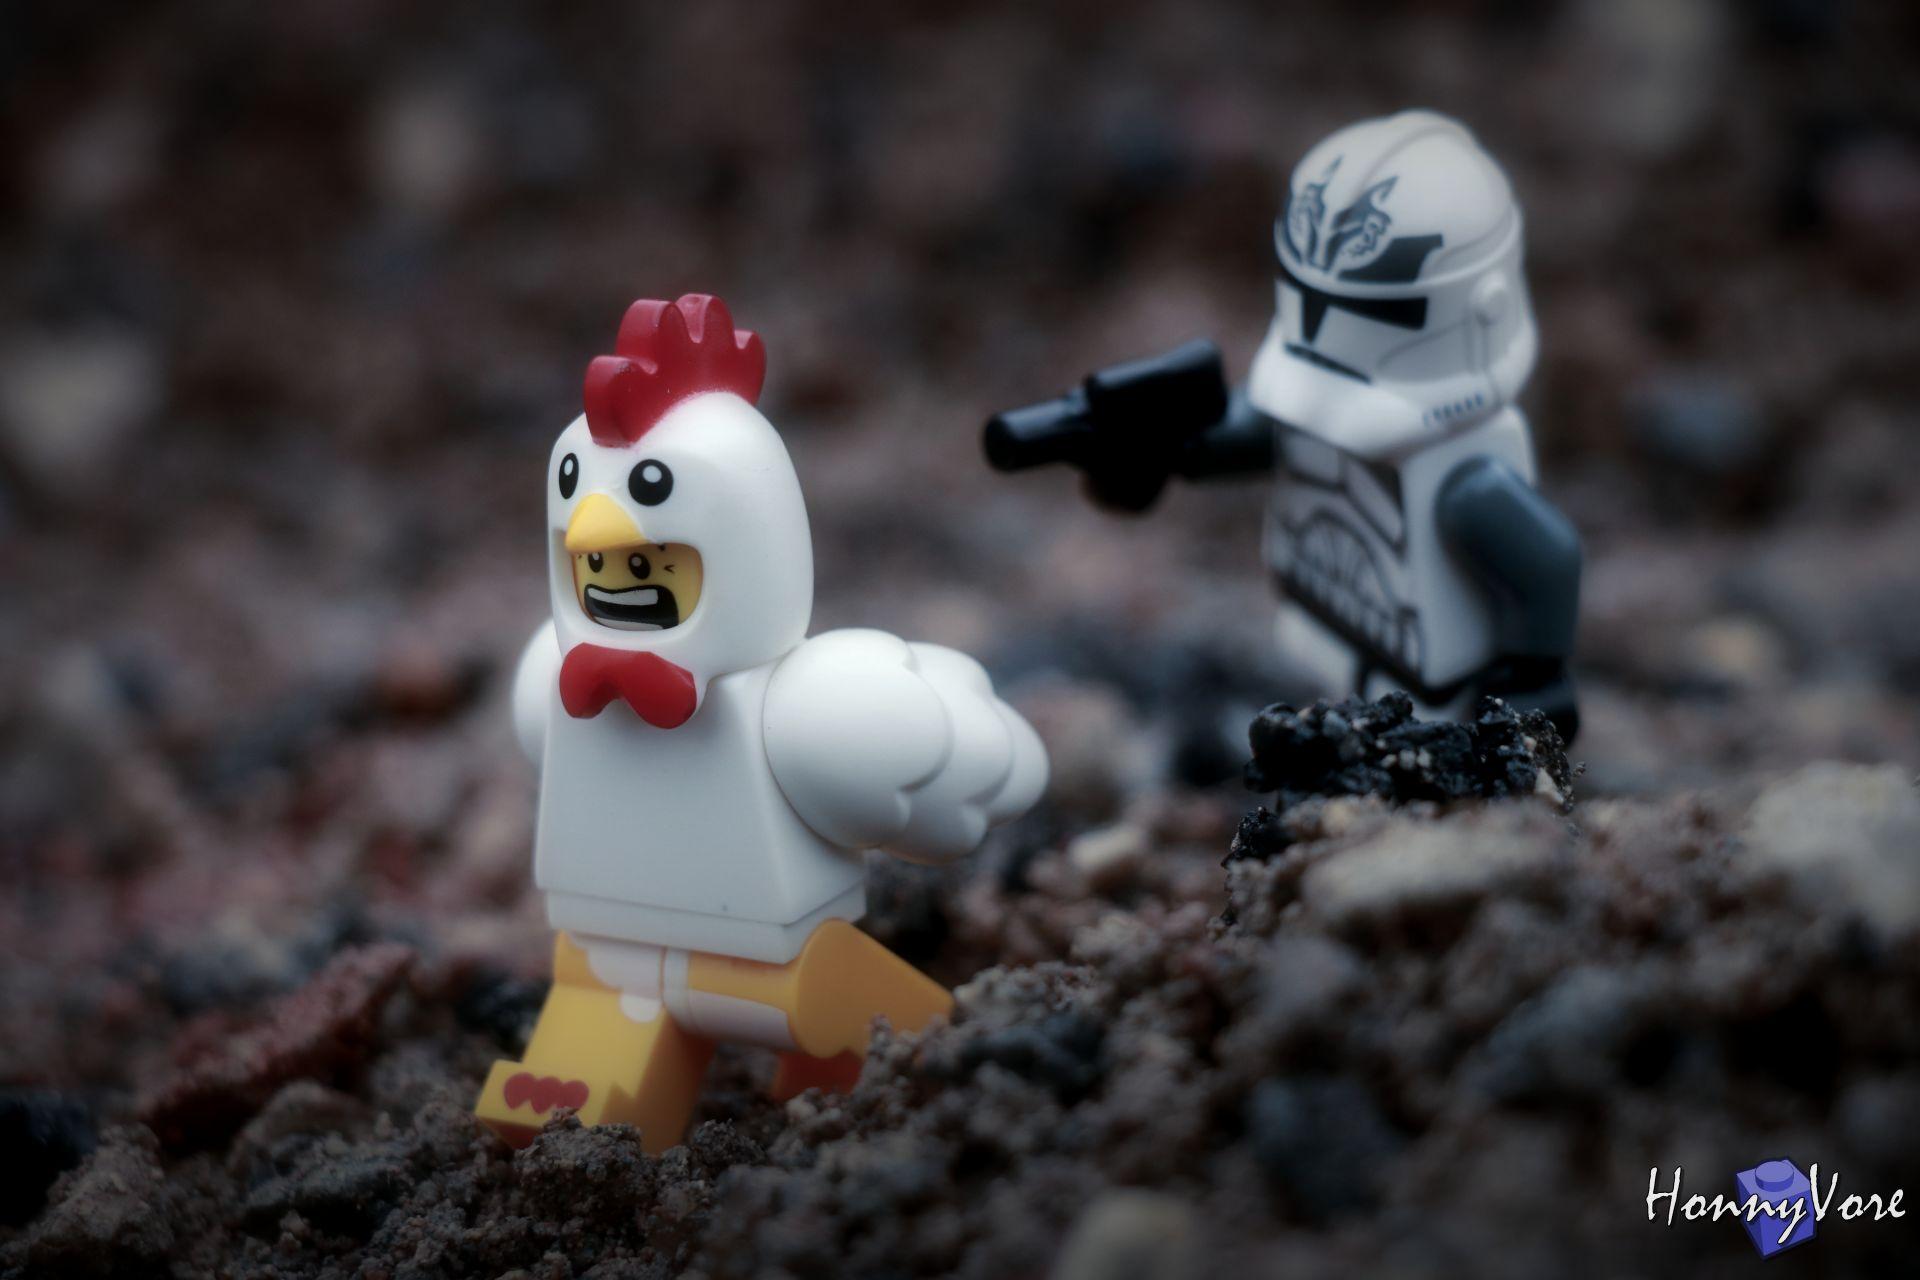 La vie imaginaire des figurines Lego© d'HonnyVore